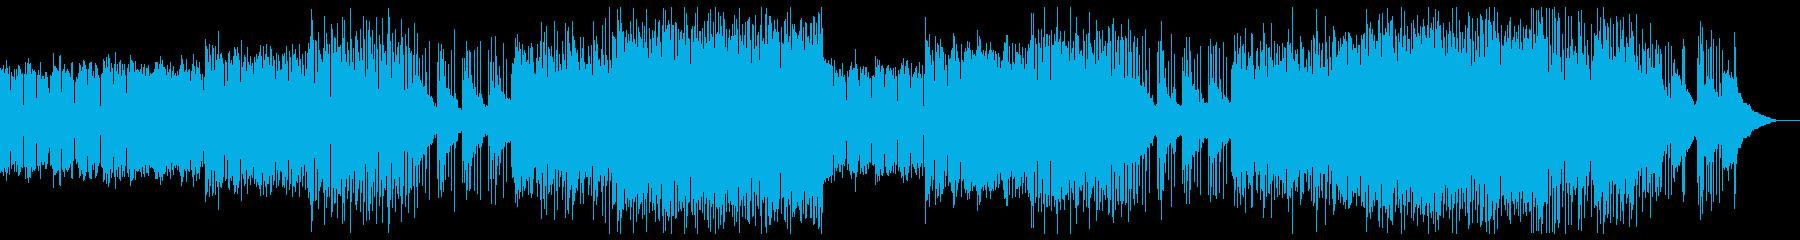 ダークシンセウェーブ レトロの再生済みの波形